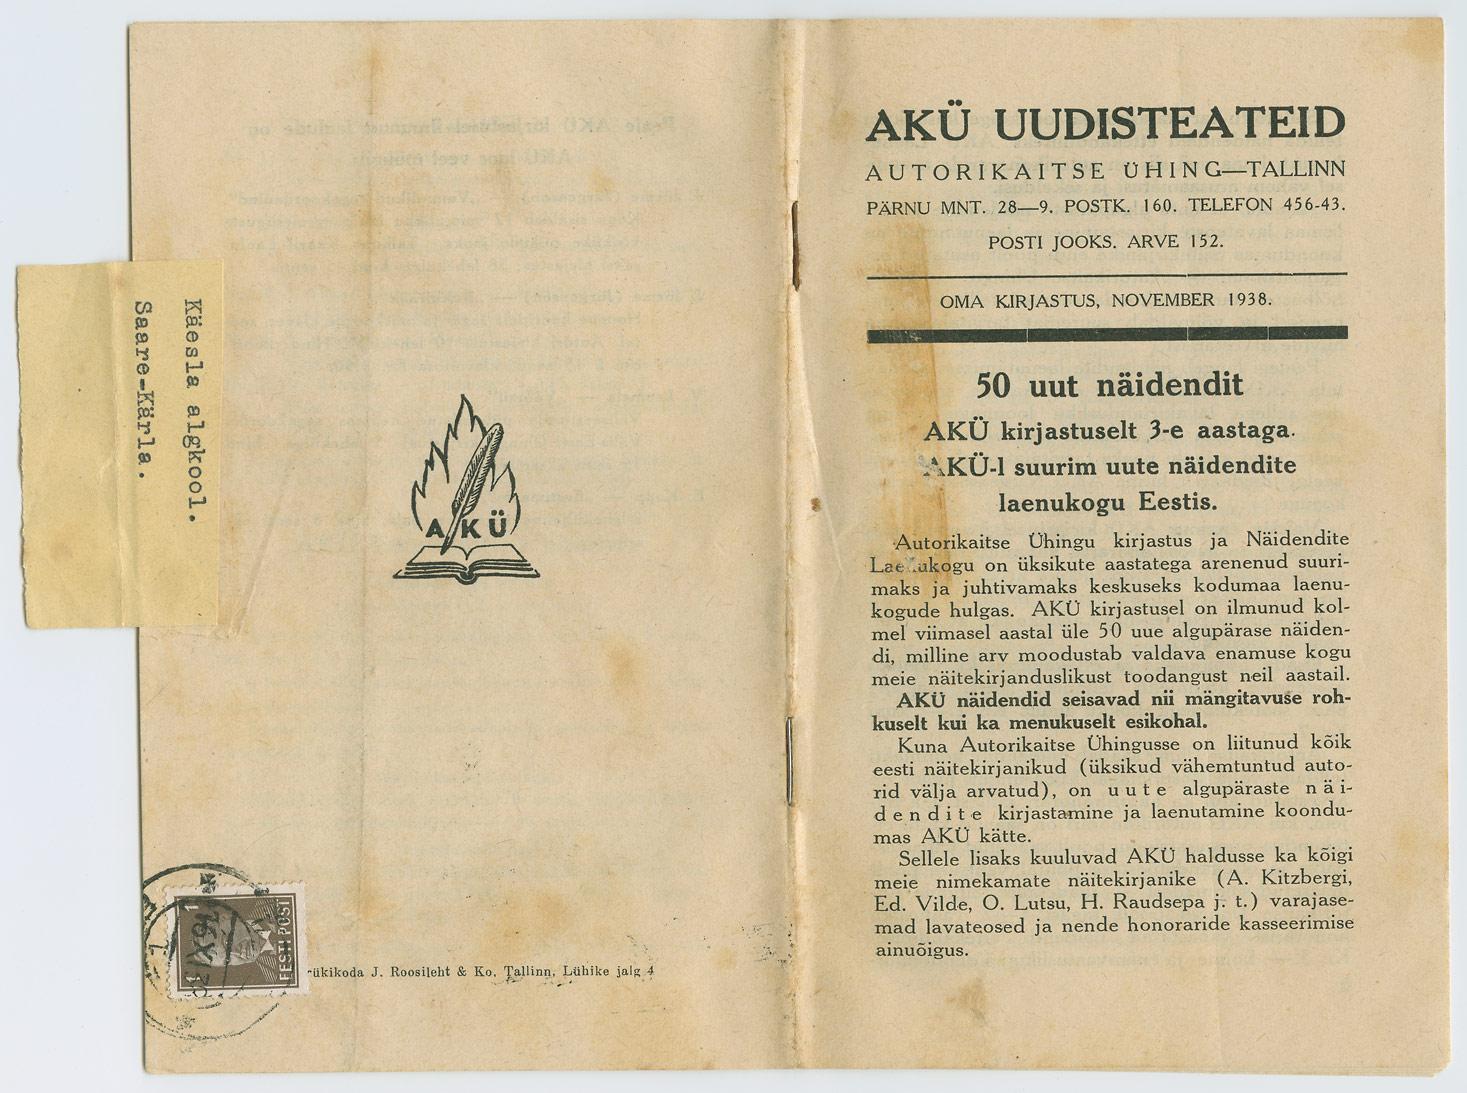 1021b-President-Pats-single-frank-Tallinn-Saare-Karla-1938-postiajalugu-ee